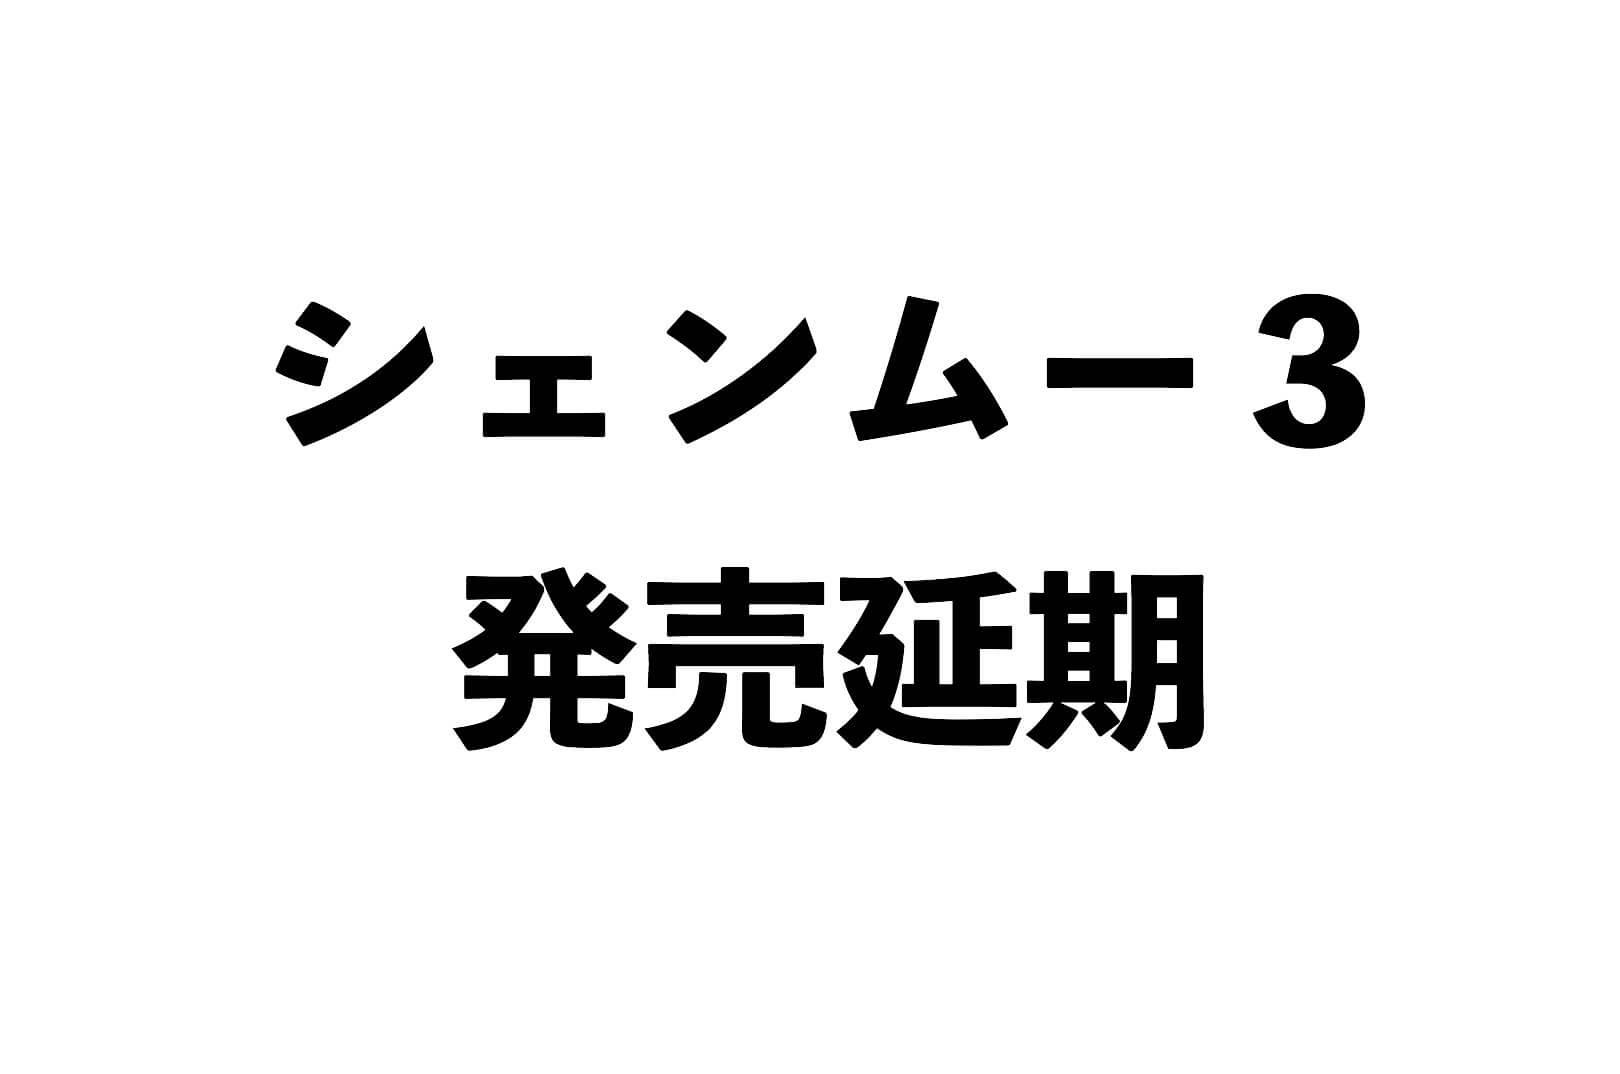 シェンムー3